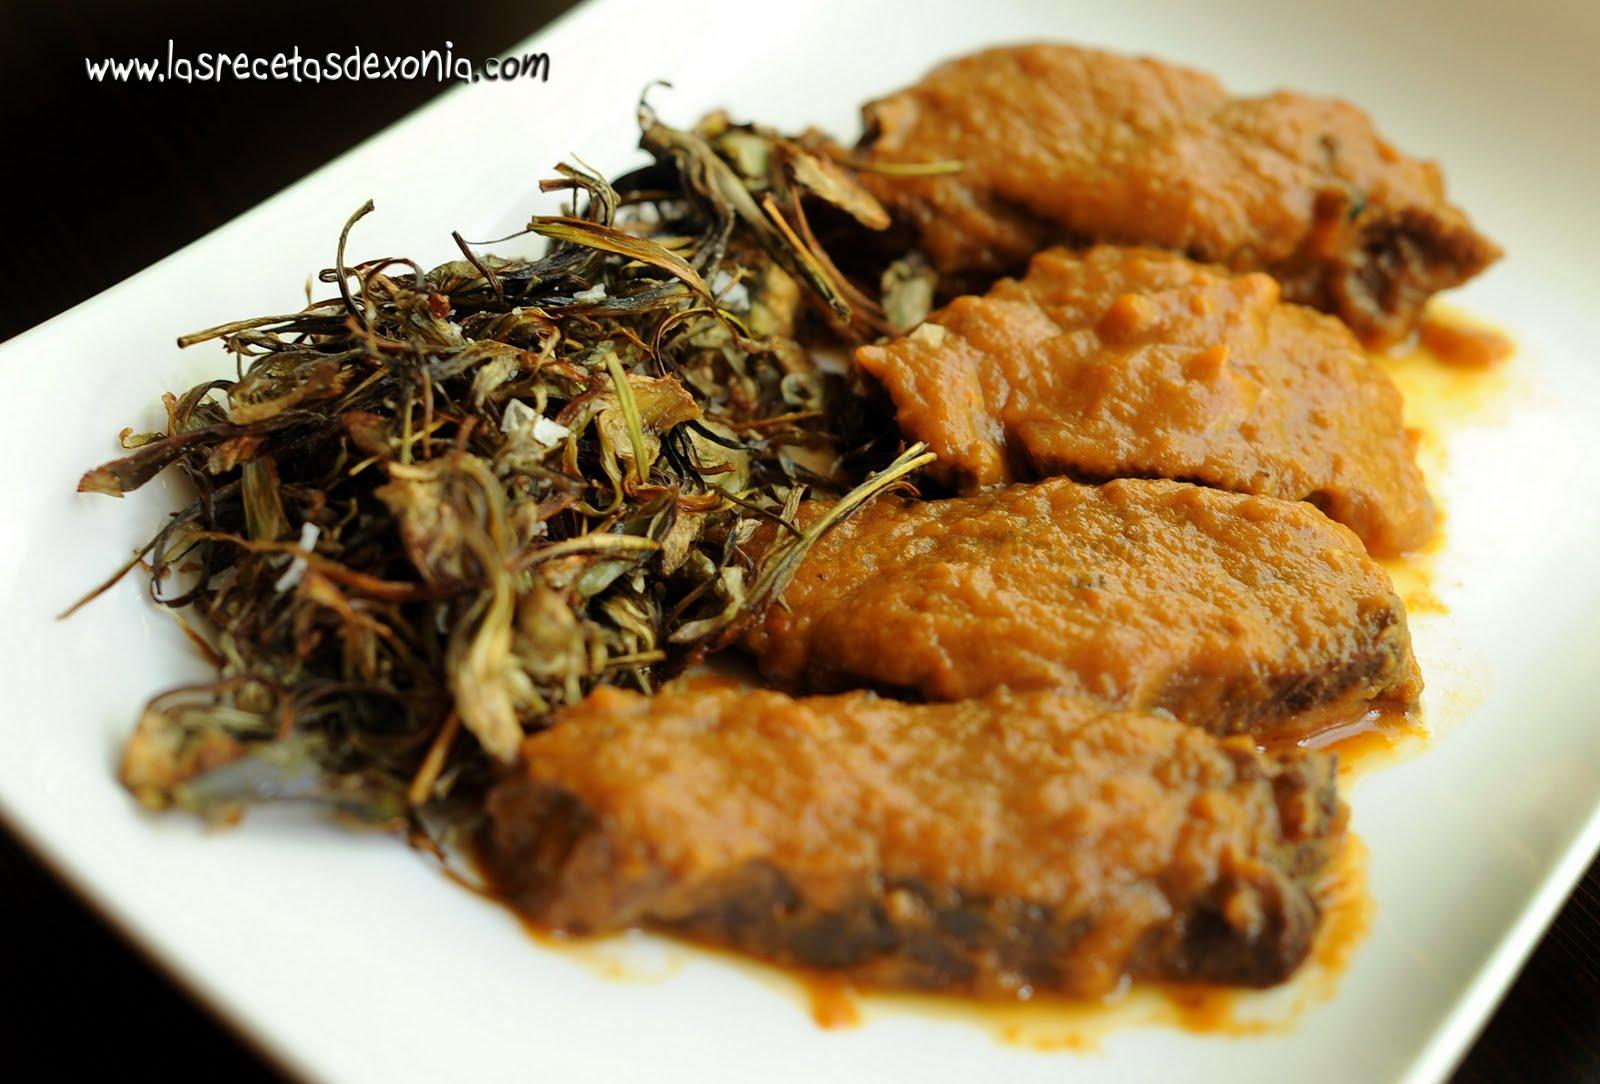 Carrilleras de ternera en salsa las recetas de xonia - Carrilladas de ternera ...